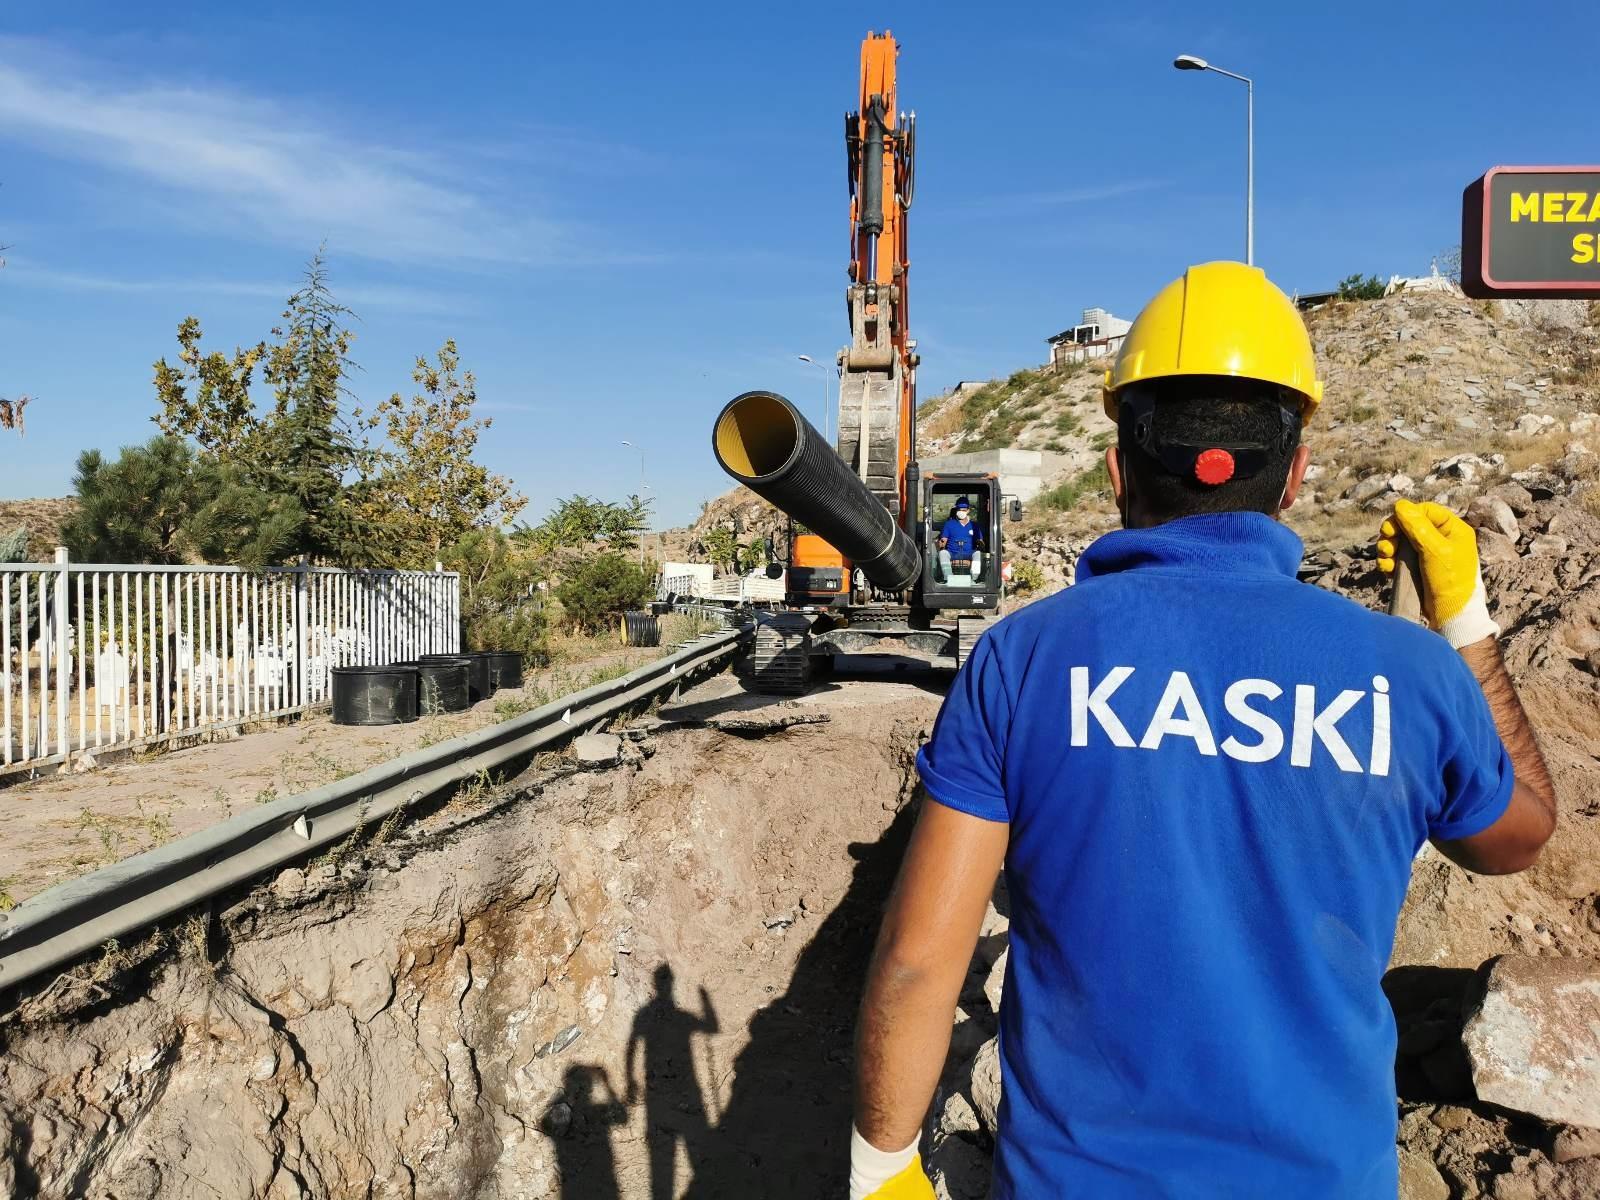 İleriye dönük uzun ömürlü altyapılar inşa ediyoruz...